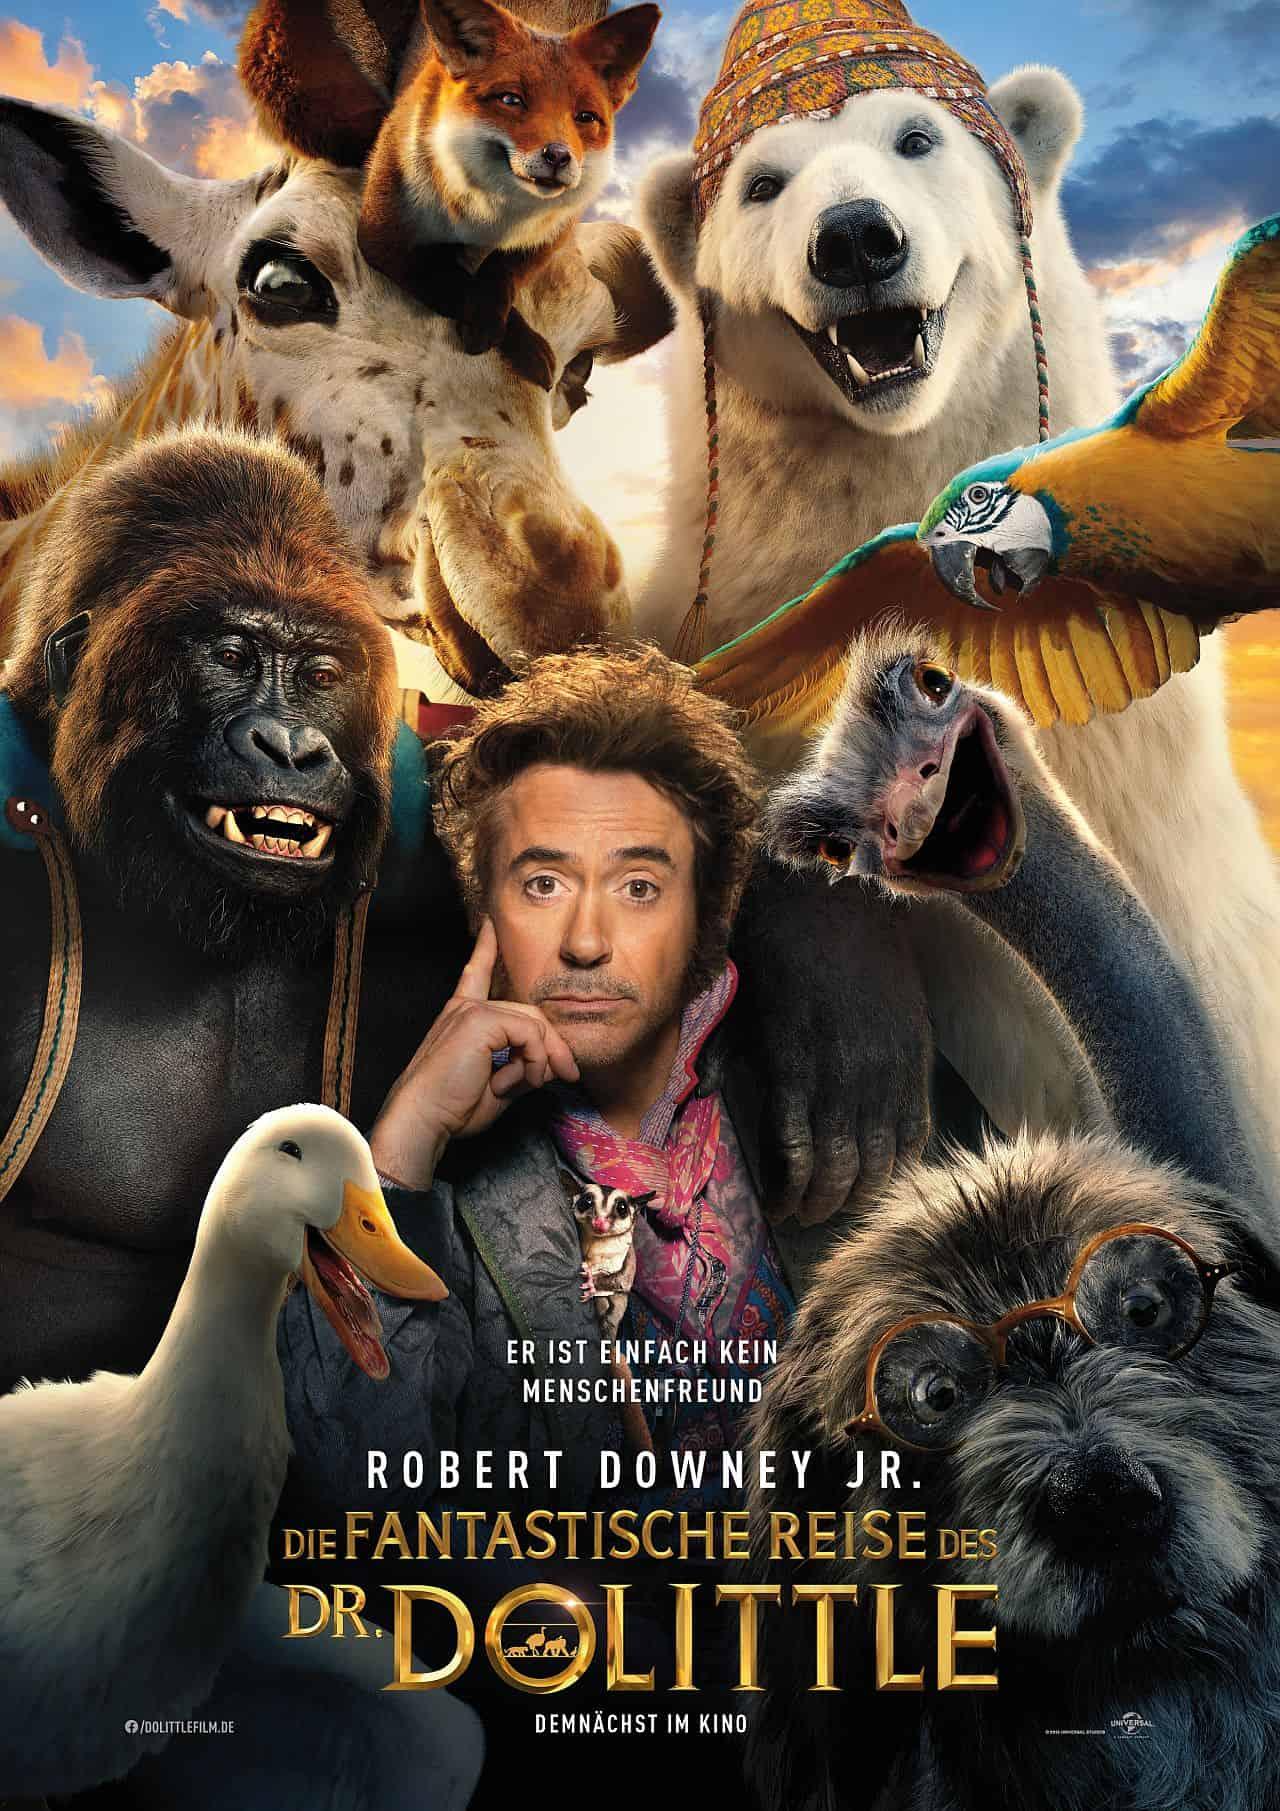 Filmkritik: Die Fantastische Reise des Dr. Dolittle